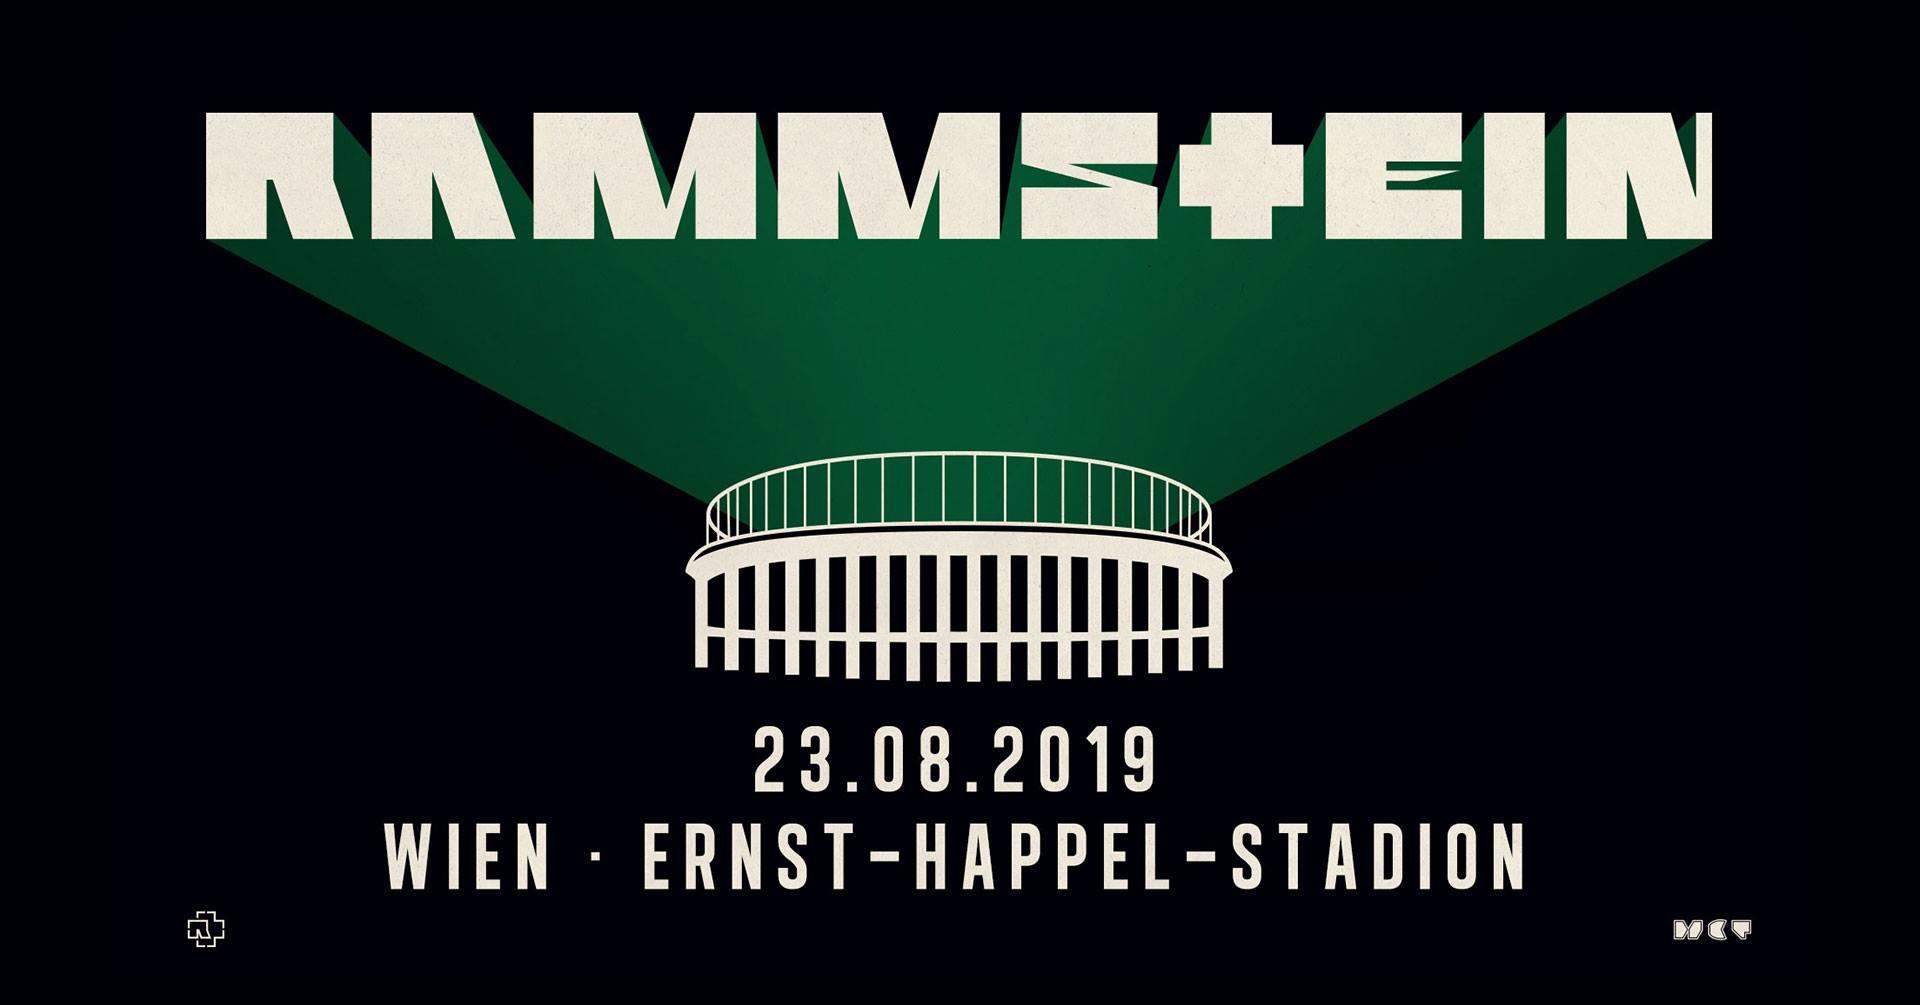 Rammstein Tour 2019 23082019 Wien Vienna Wien Austria